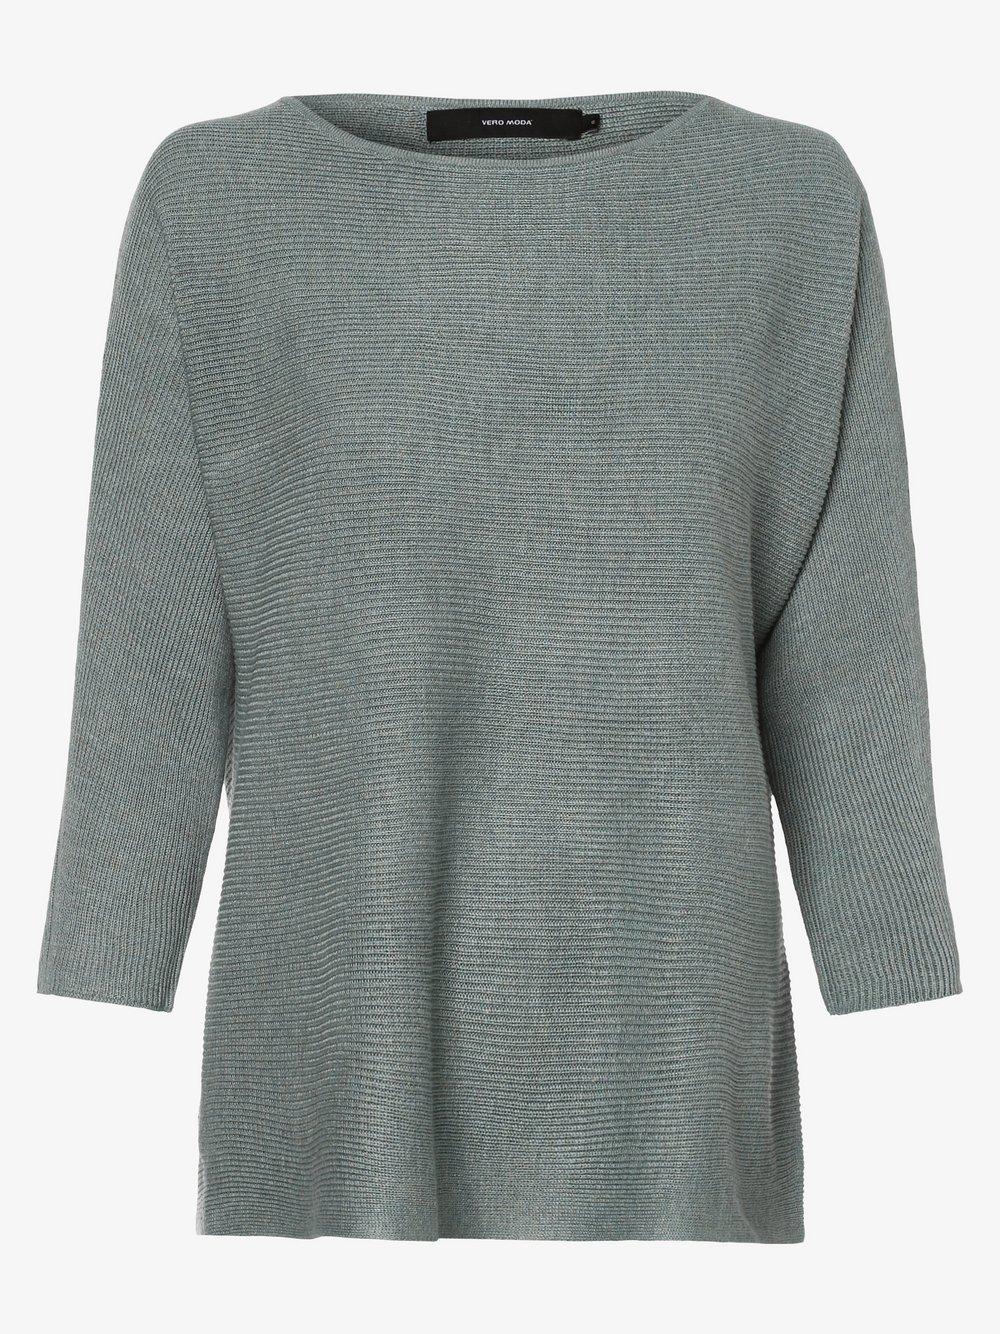 Vero Moda - Sweter damski – Vmnora, szary